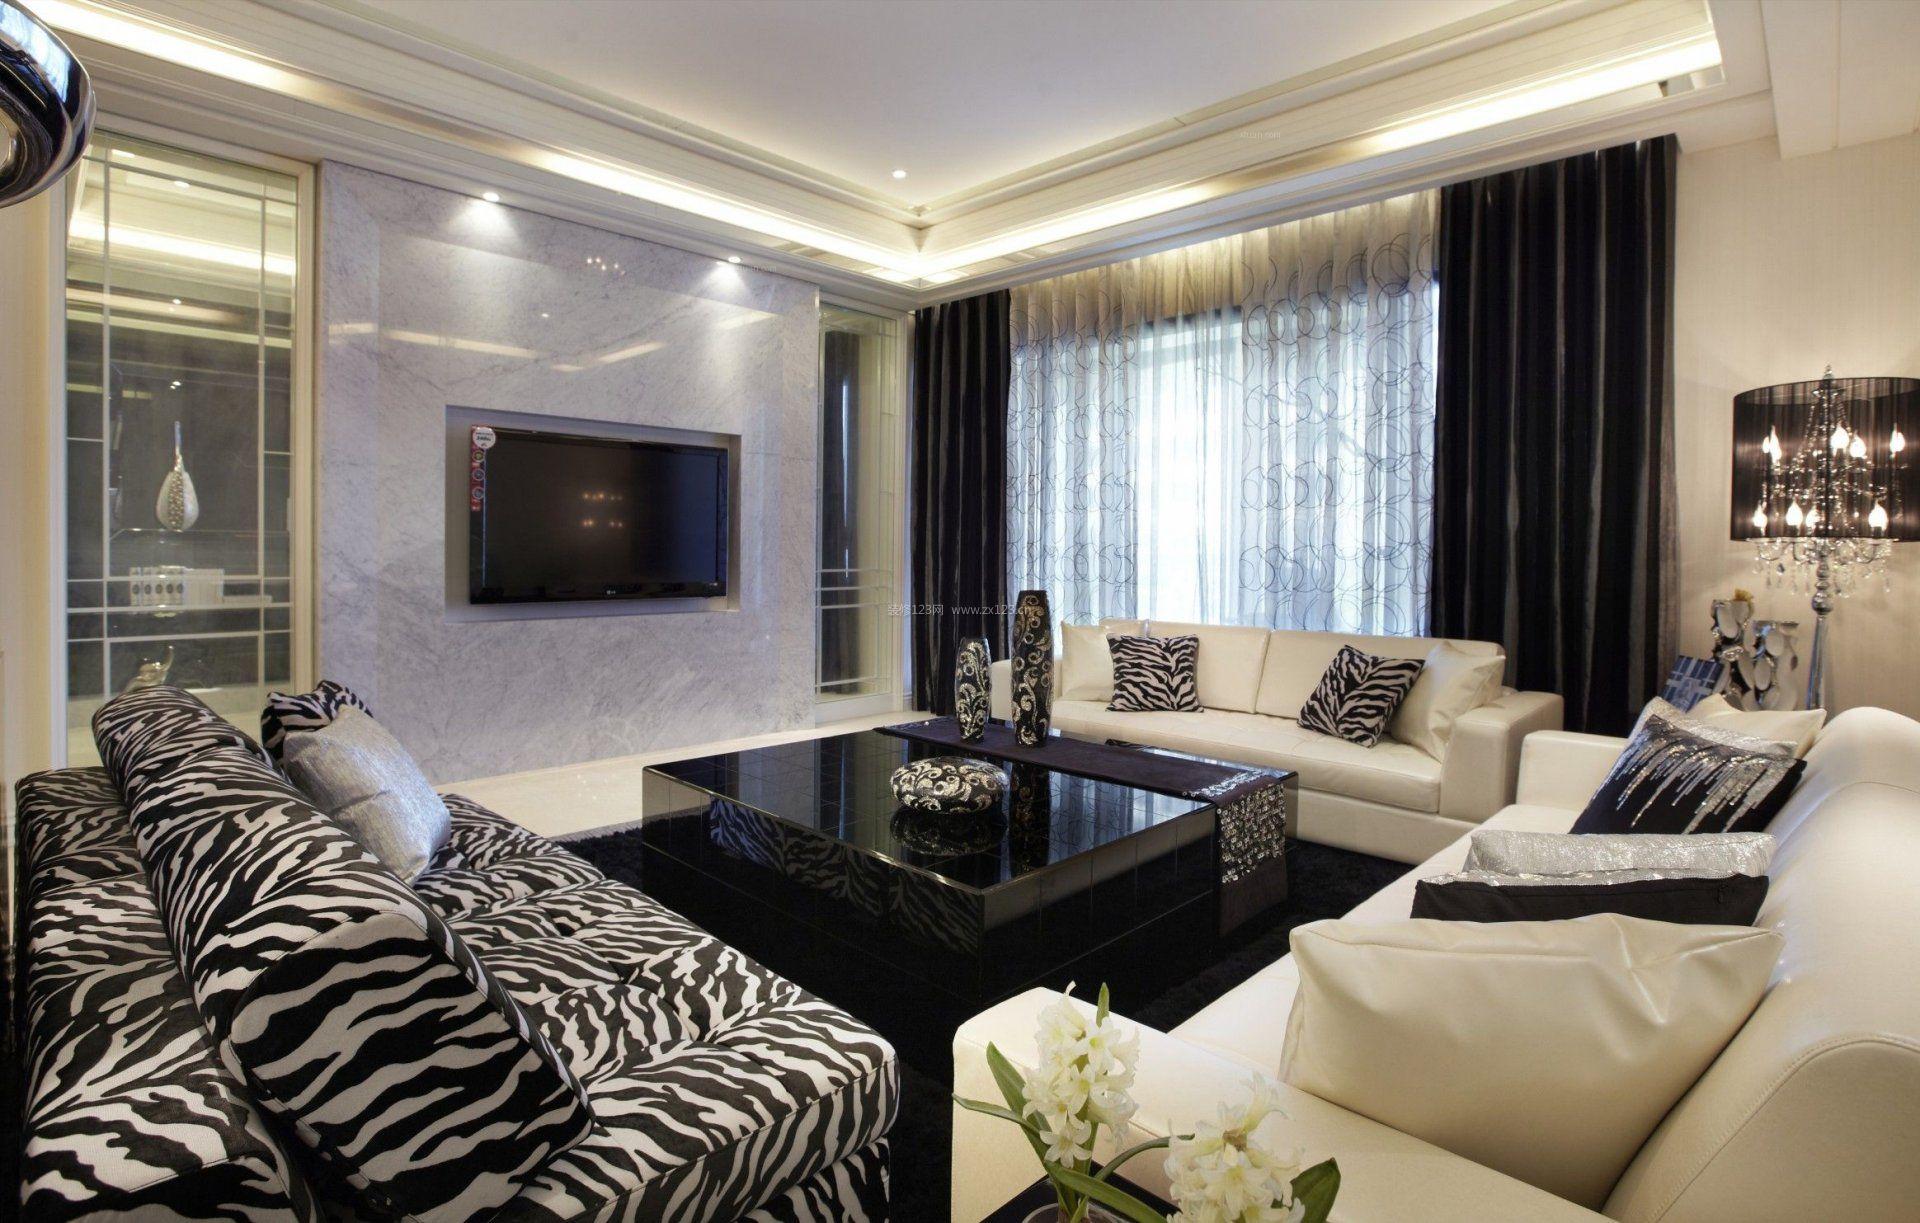 90平米小户型客厅简约装修效果图图片